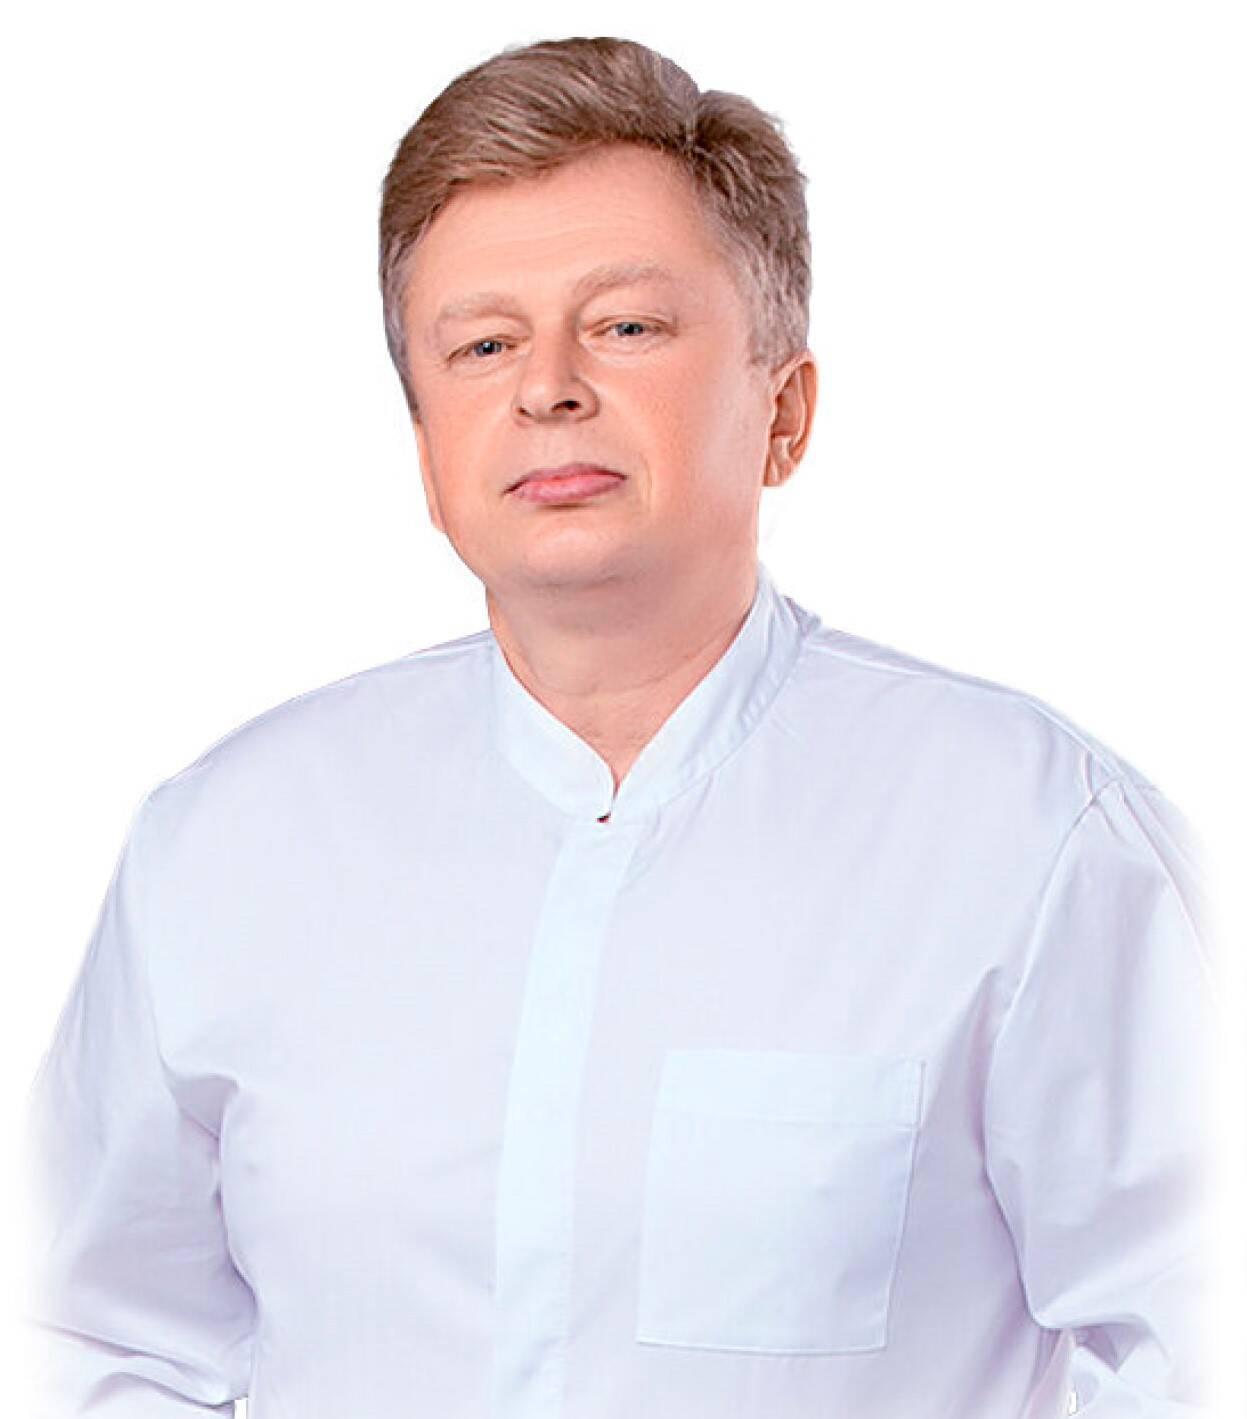 лікар Остапенко Анатолій Васильович: опис, відгуки, послуги, рейтинг, записатися онлайн на сайті h24.ua